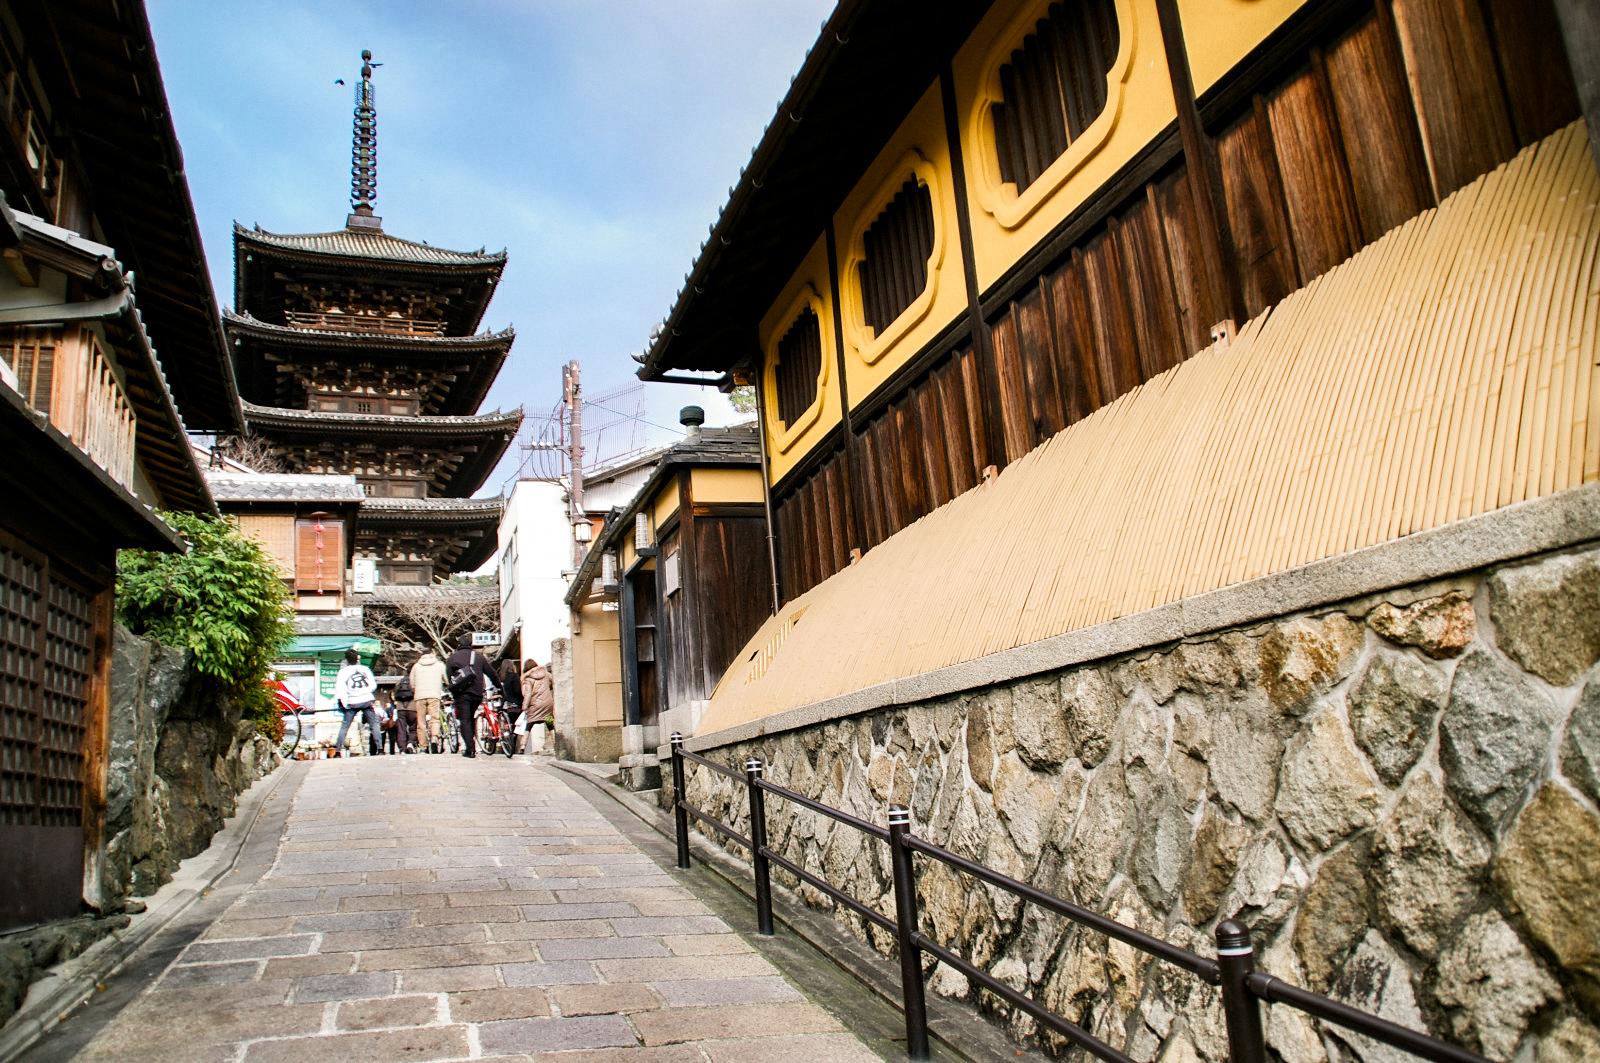 京都 石畳の路地